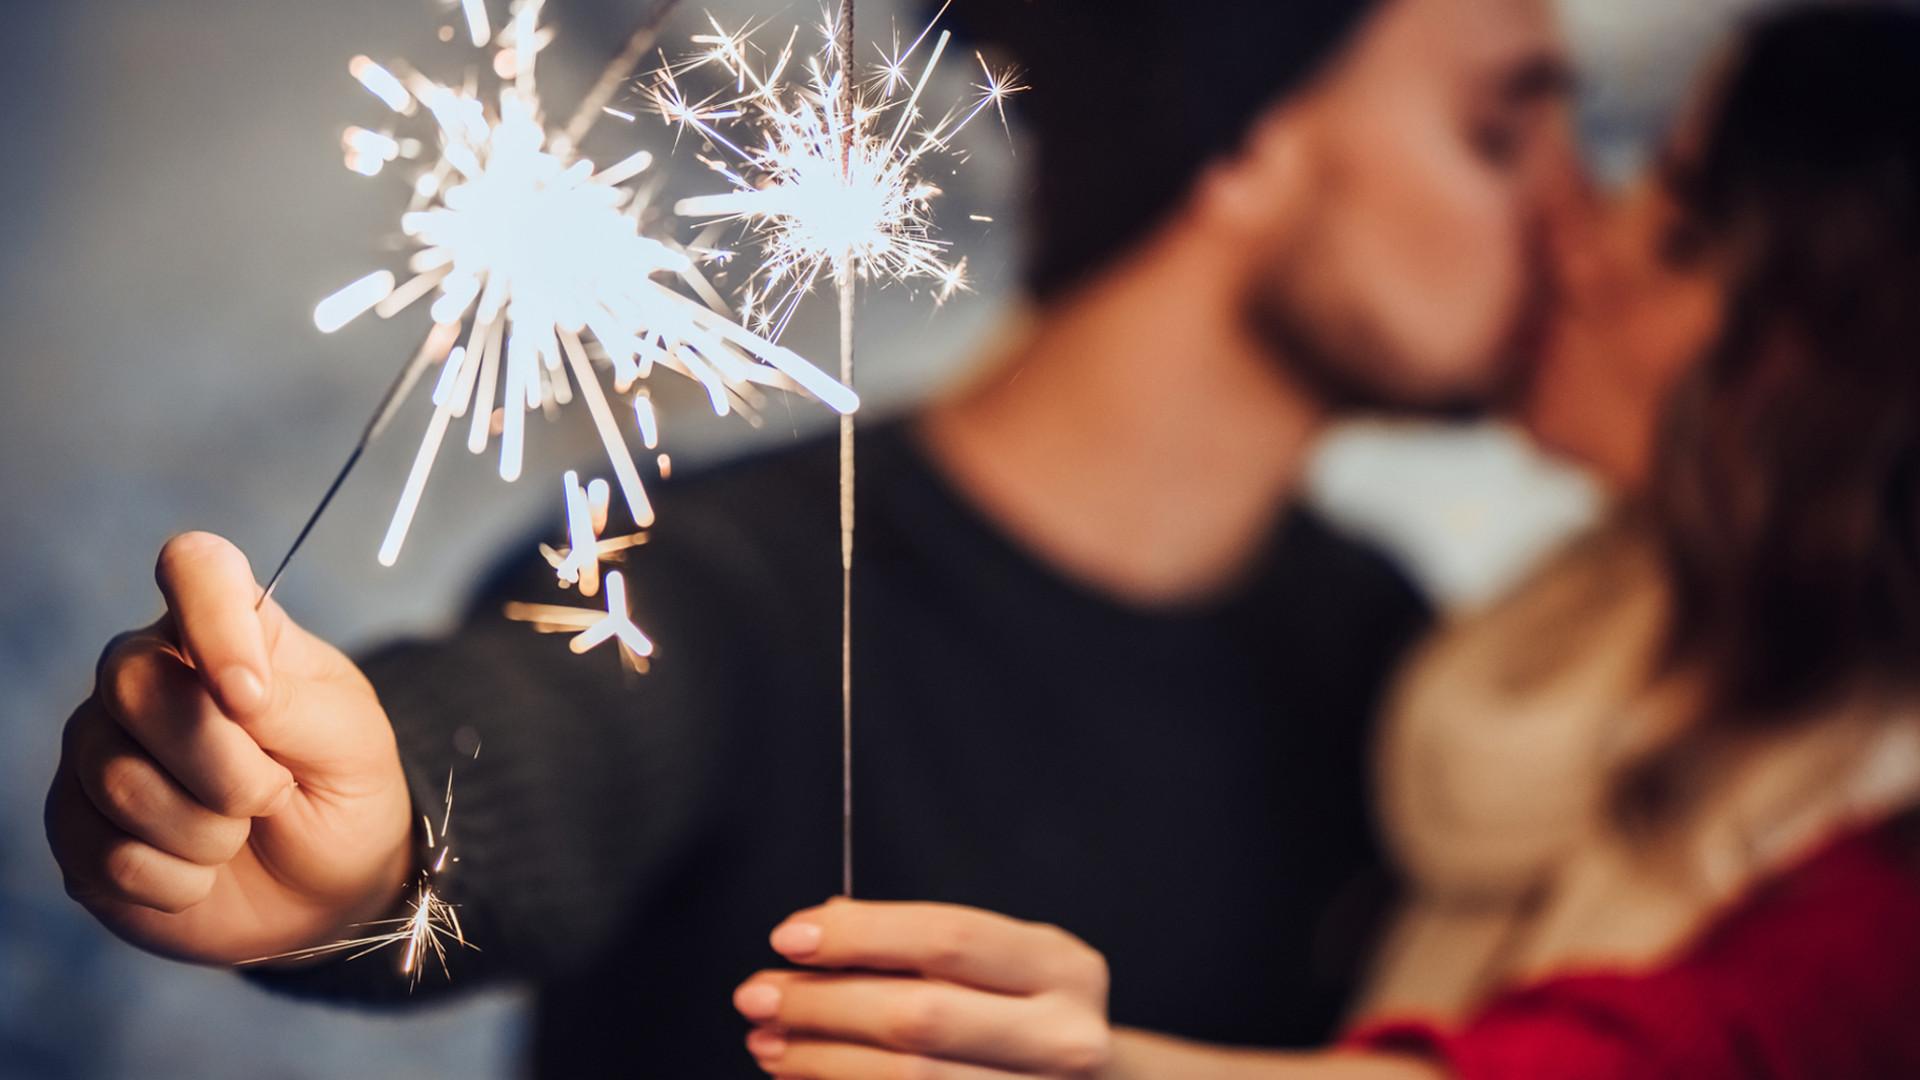 Chcesz, żeby znajomi zazdrościli Wam takiego początku Nowego Roku?